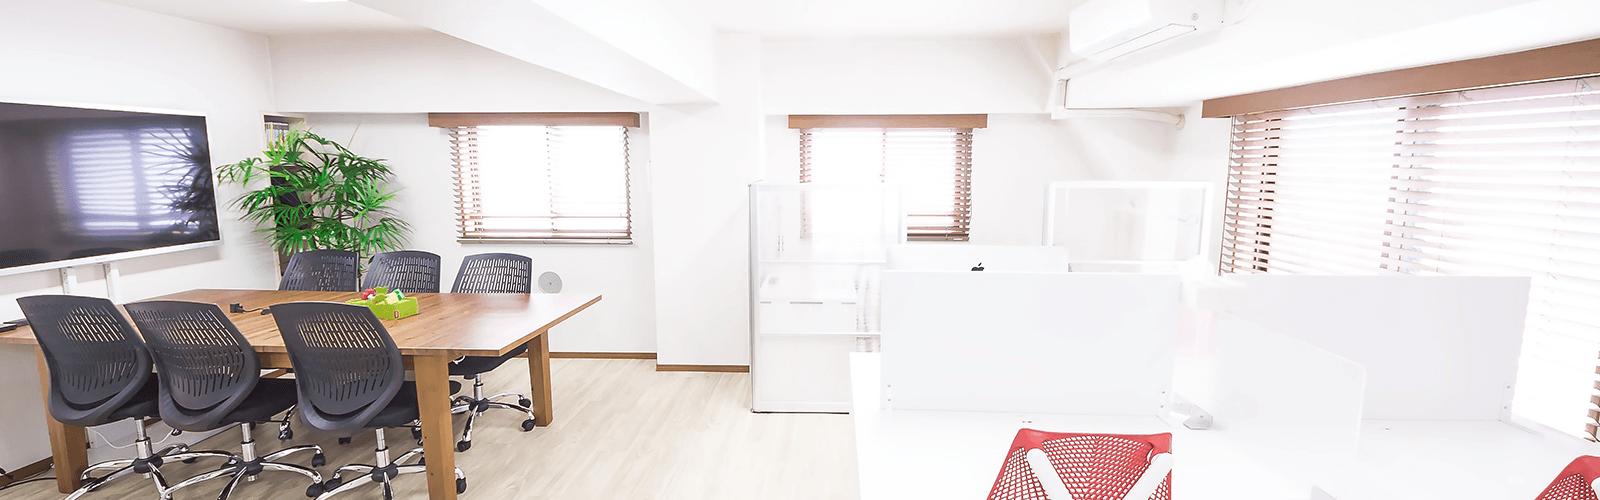 Airbnb,エアビーアンドビー,代行,投資,日本,料金,法律